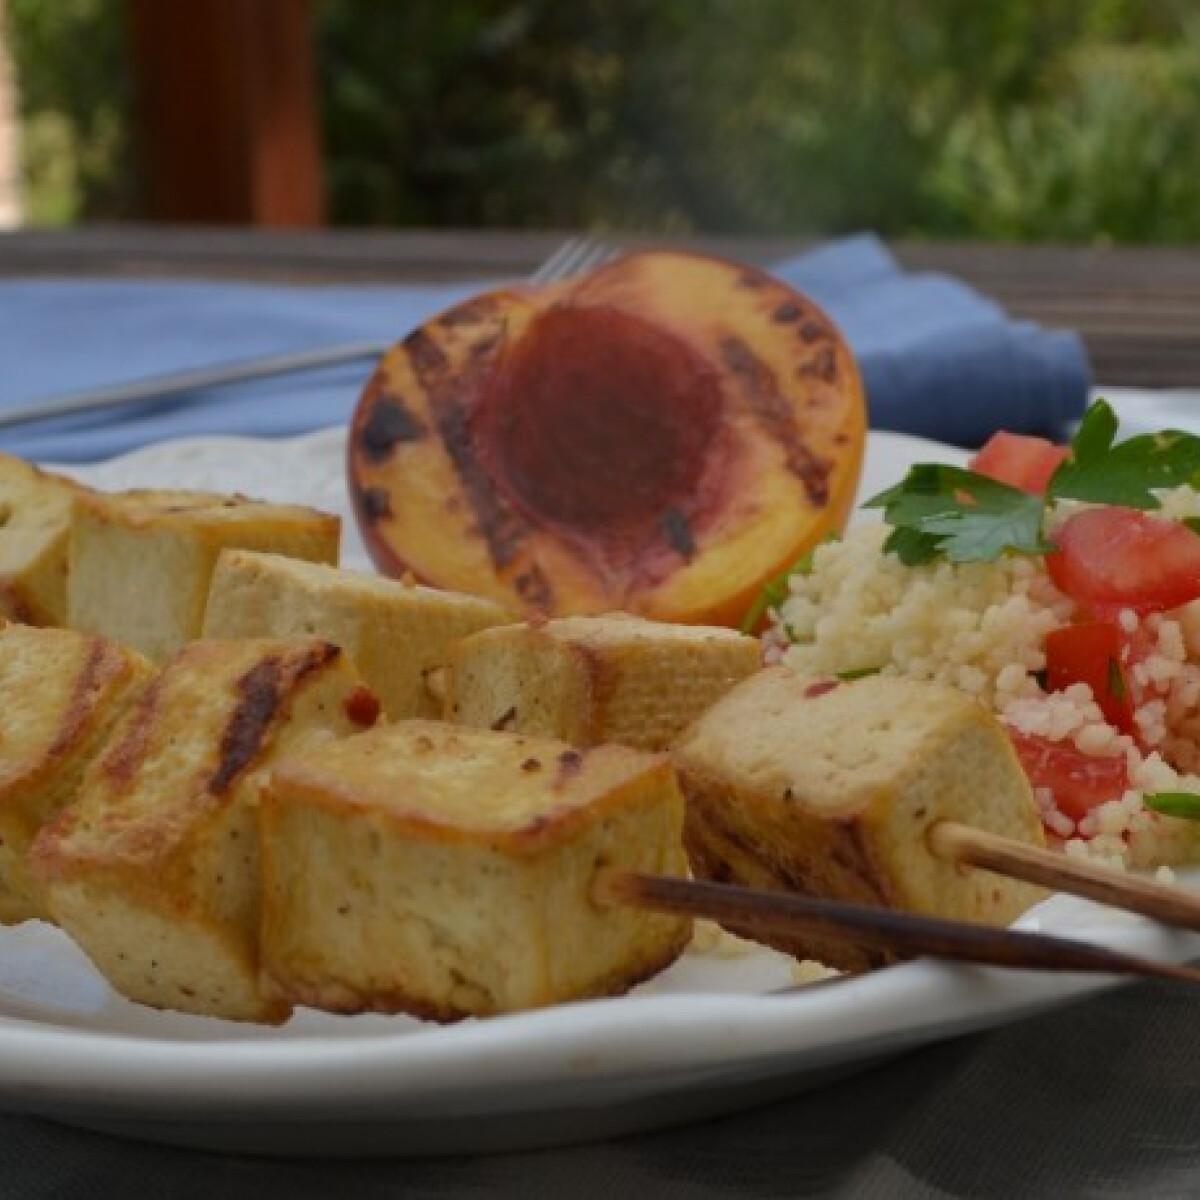 Ezen a képen: Chilis-citromos tofu grillezett nektarinnal és kuszkusszal